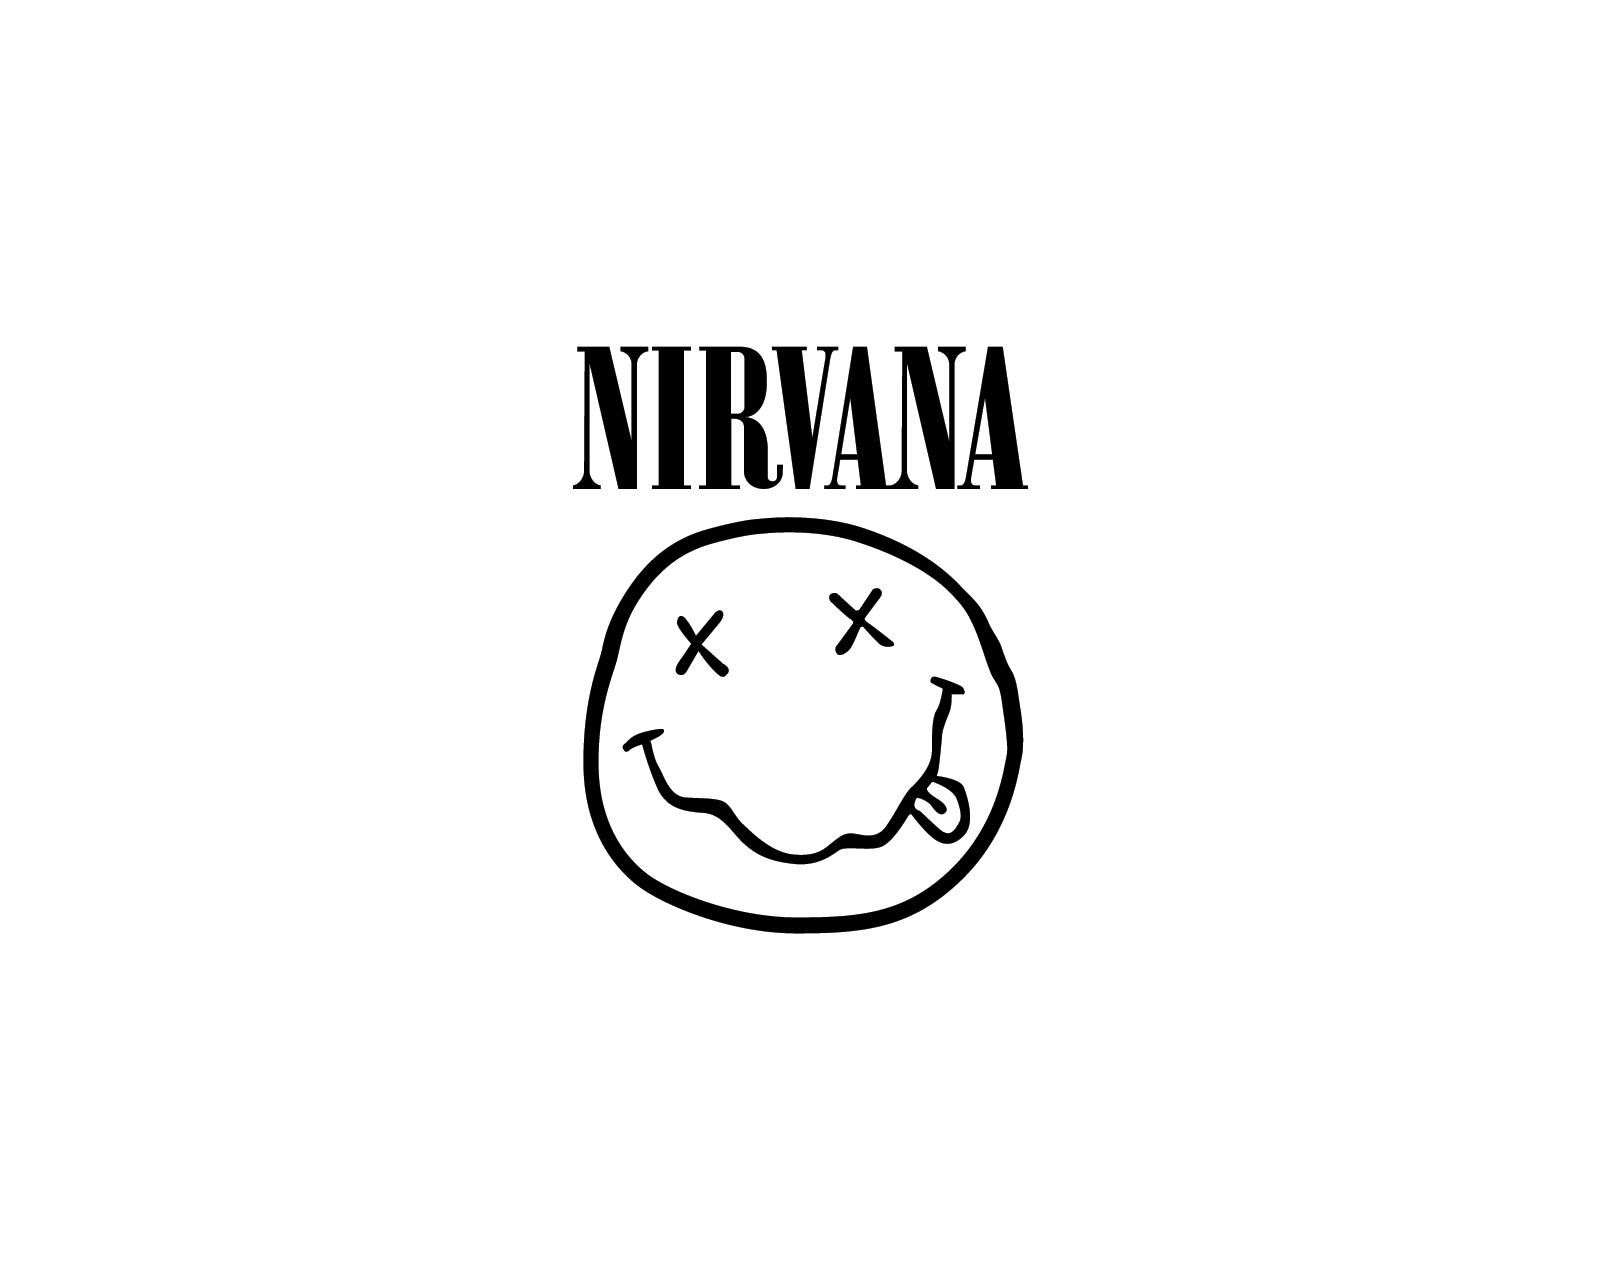 Nirvana logo Band logos   Rock band logos metal bands logos punk 1600x1280